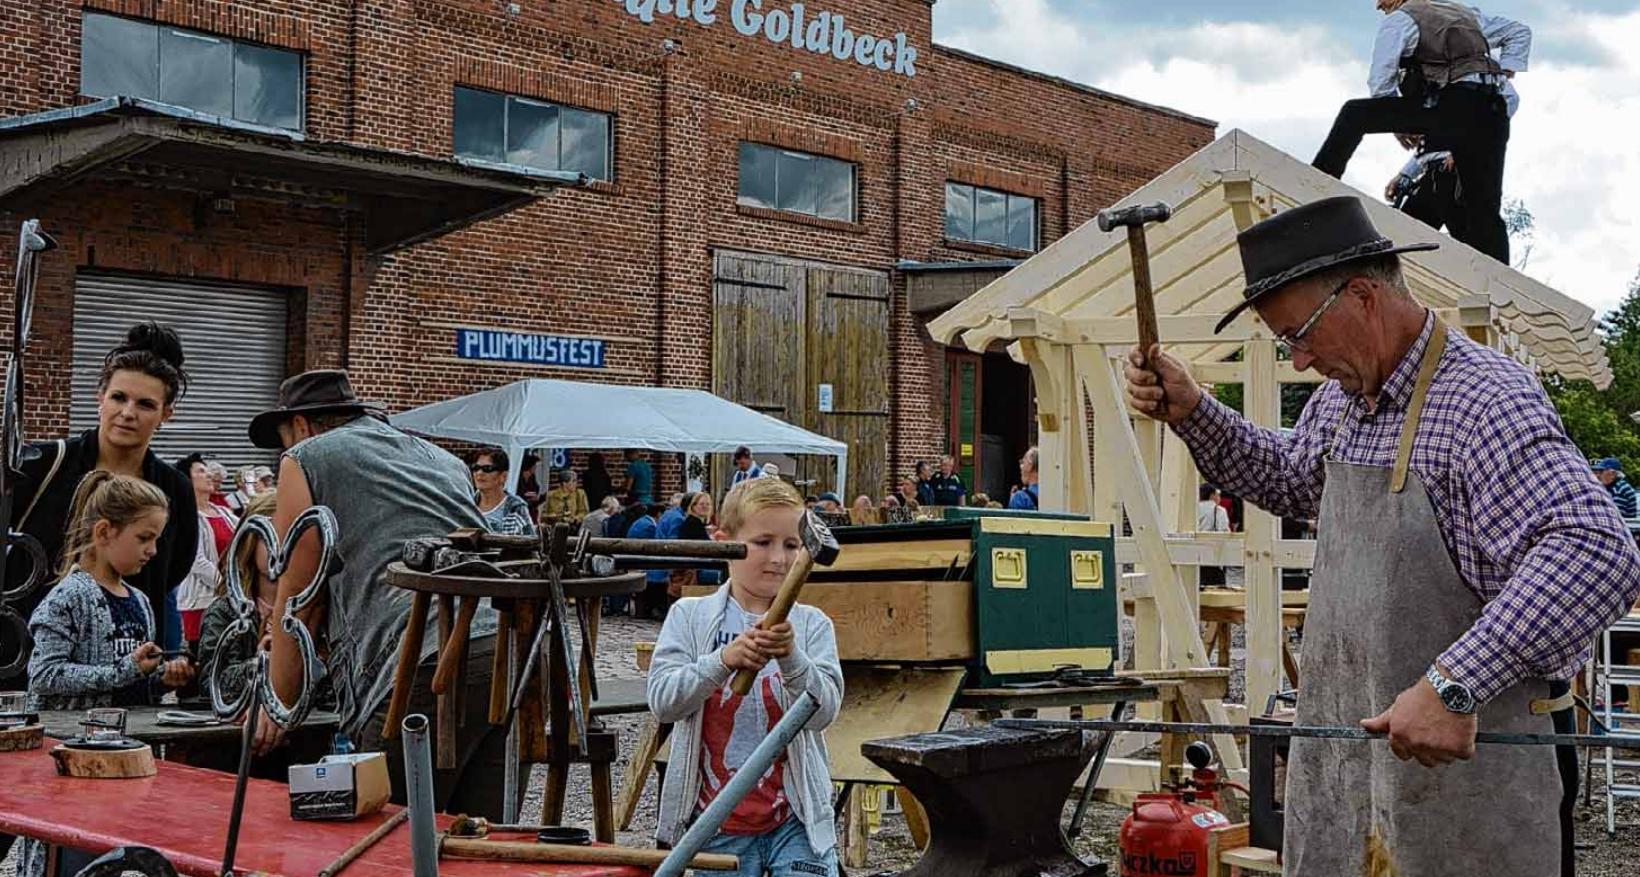 Die ehemalige Zuckerfabrik prägte früher Goldbeck als Arbeitgeber. Heute dient sie als Veranstaltungsort. Über die Grenzen des Ortes hinaus bekannt ist das jährliche Plummusfest. Archivbild: Karina Hoppe